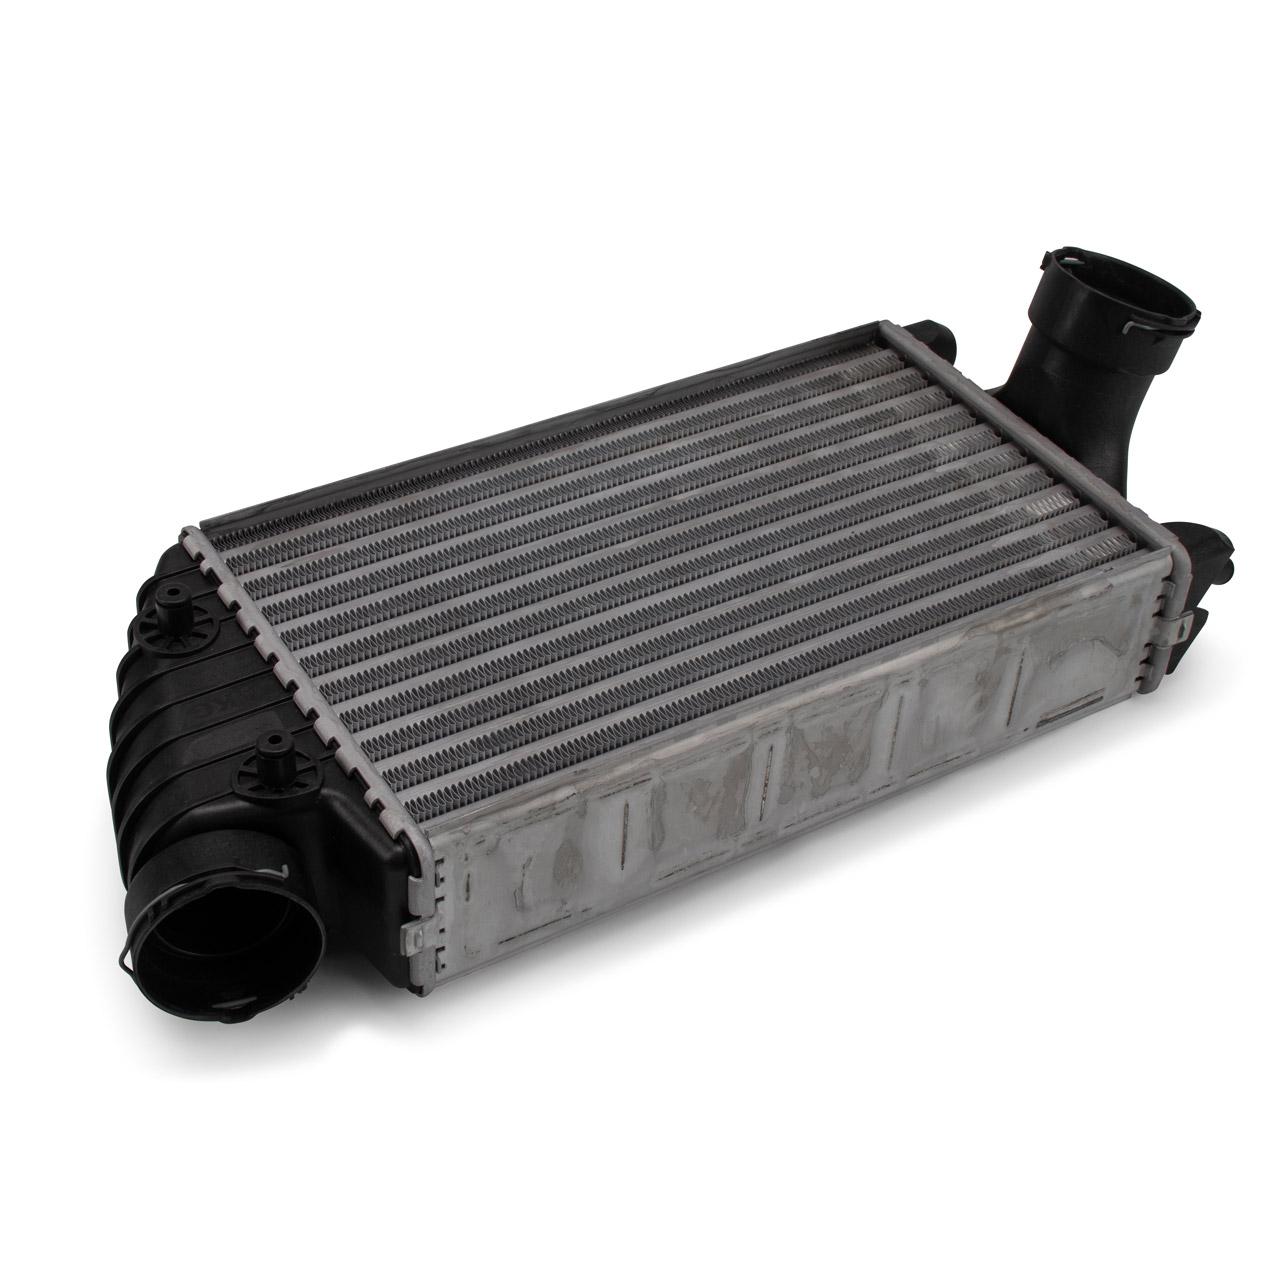 Ladeluftkühler Turbo für PORSCHE 911 (996) 3.6 GT2 462/483 PS rechts 99611099071